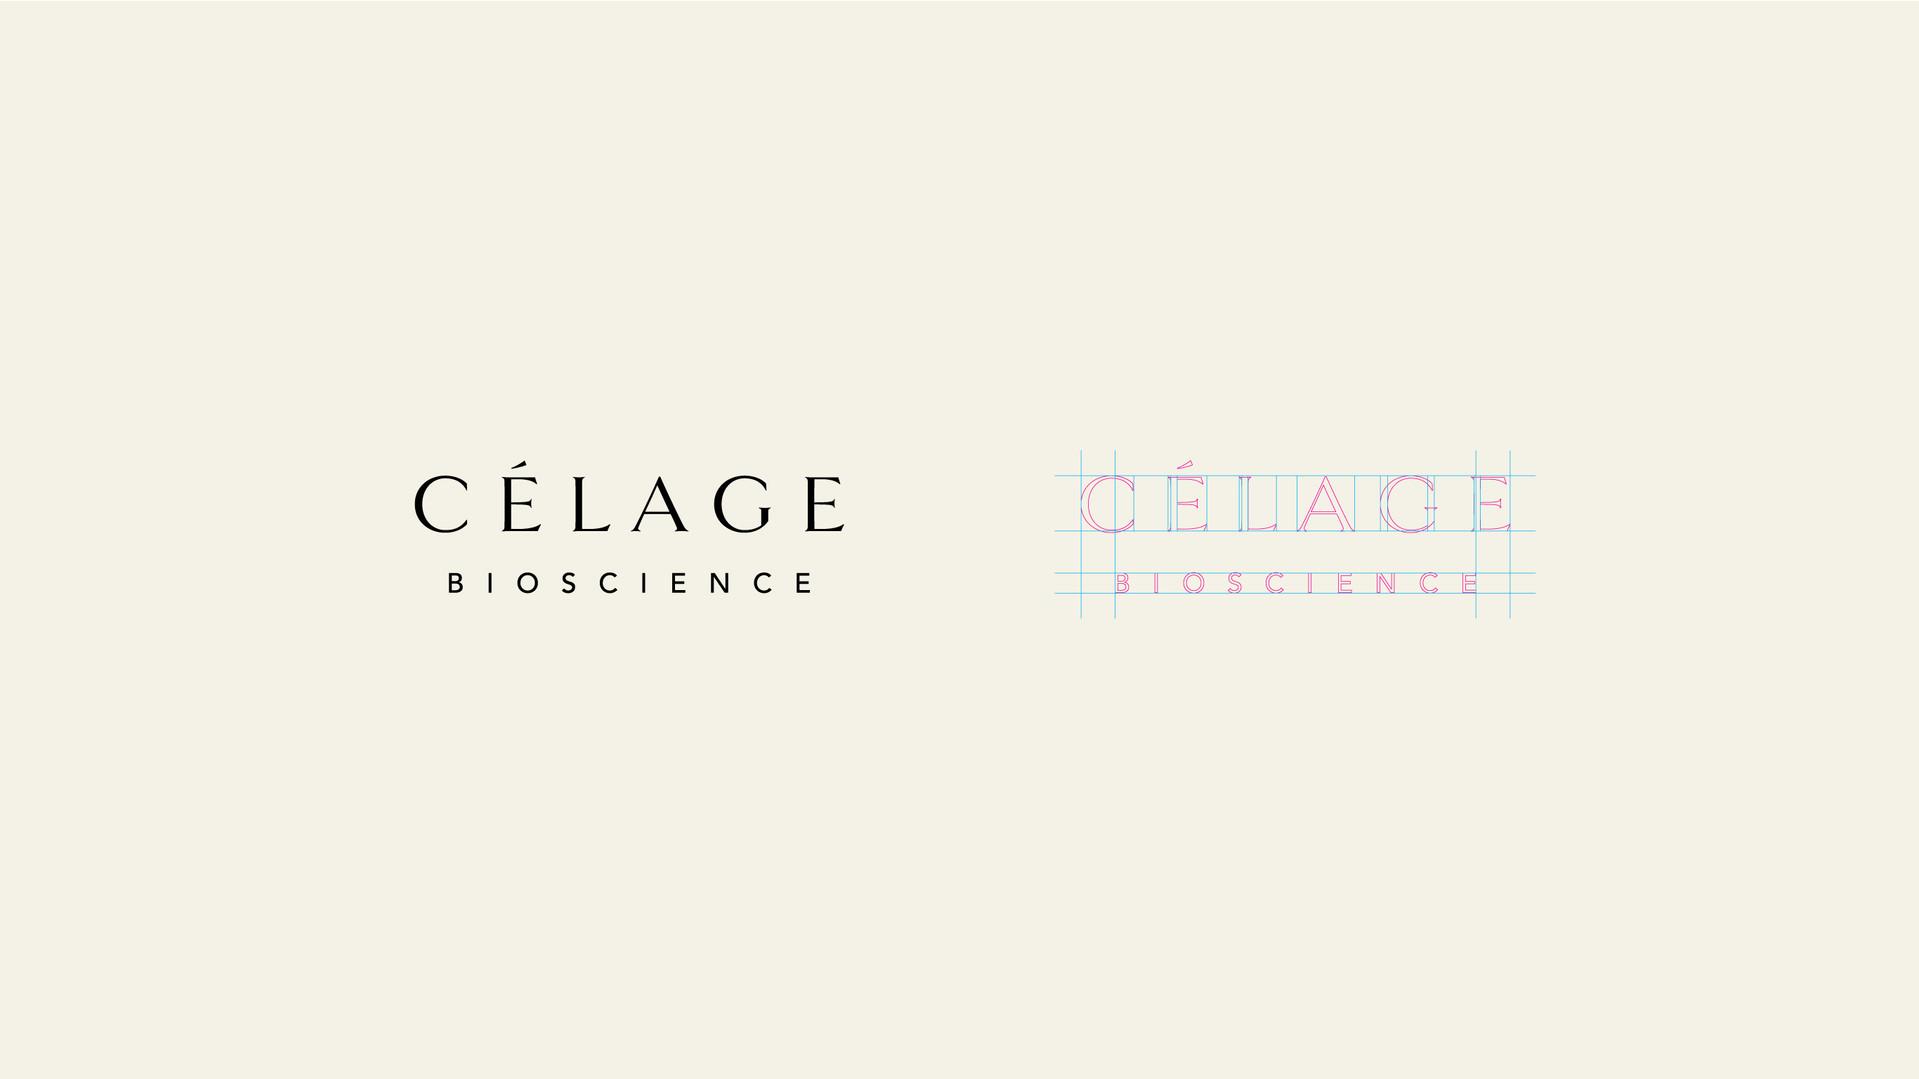 celagebioscience.com